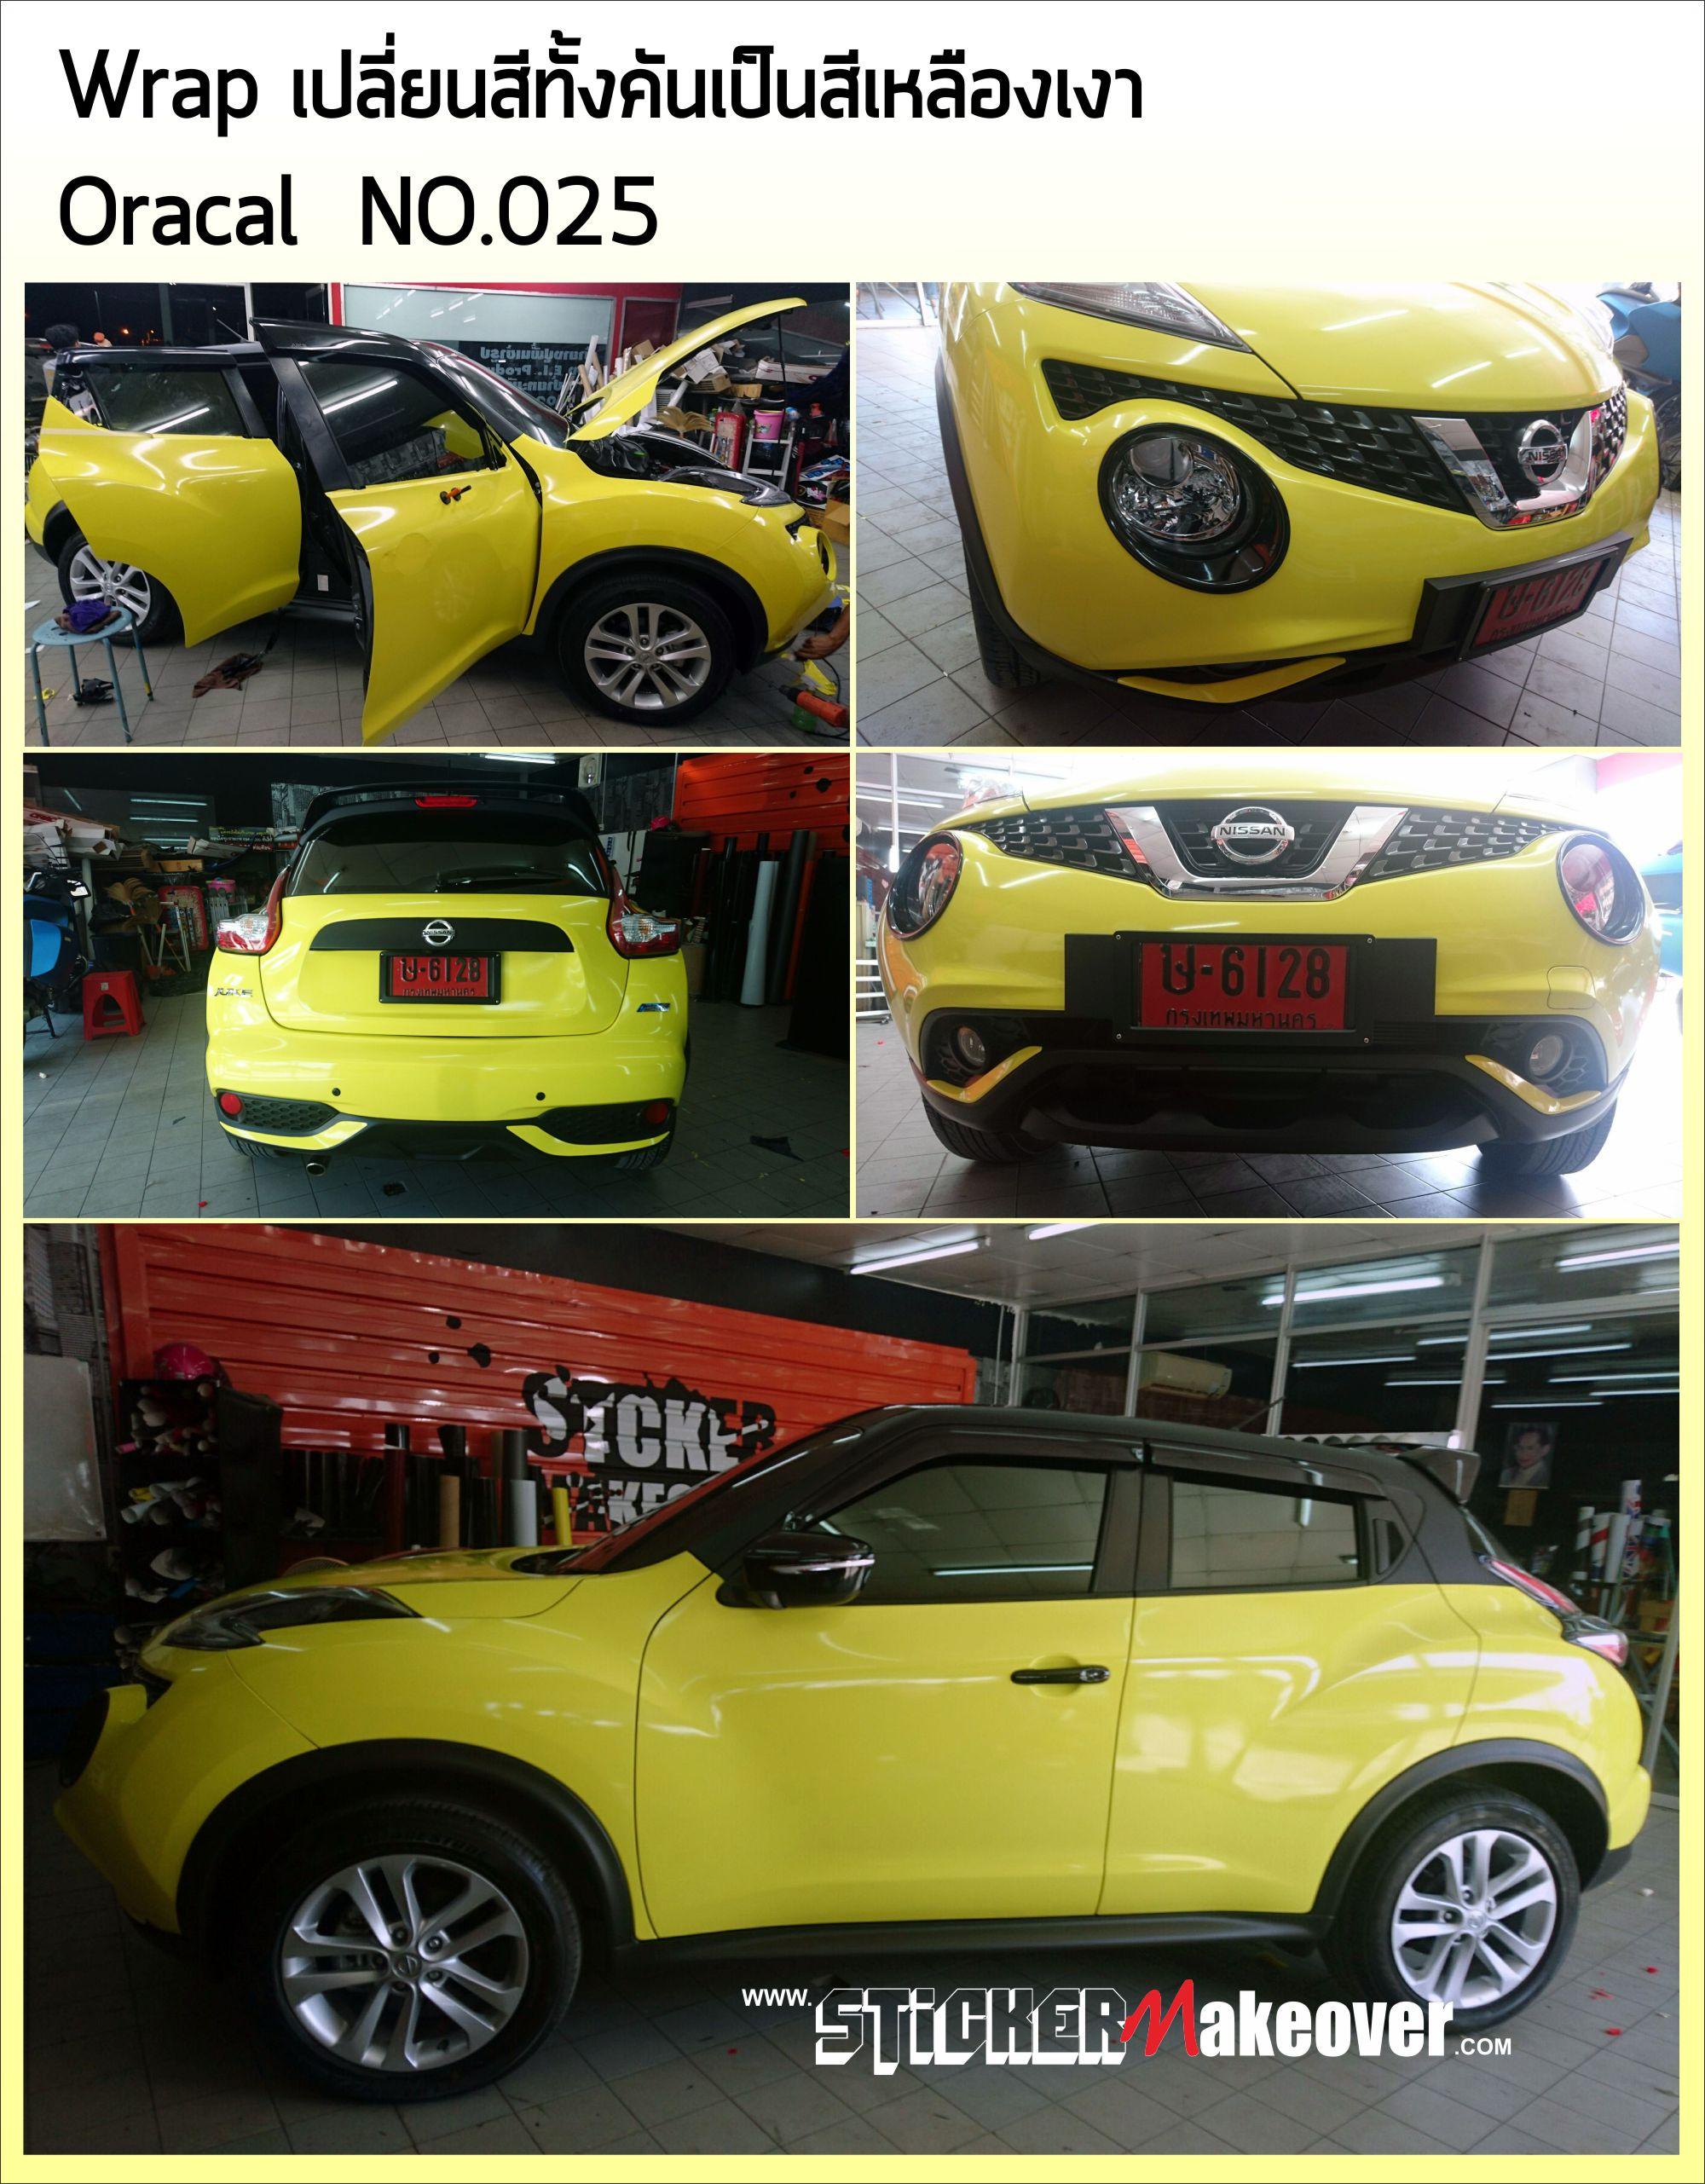 wrap car ฟิล์มหุ้มเปลี่ยนสีรถ wrap Nissan juke สีเหลือง เปลี่ยนสีรถทั้งคันด้วยสติกเกอร์ wrapเปลี่ยนสีรถ